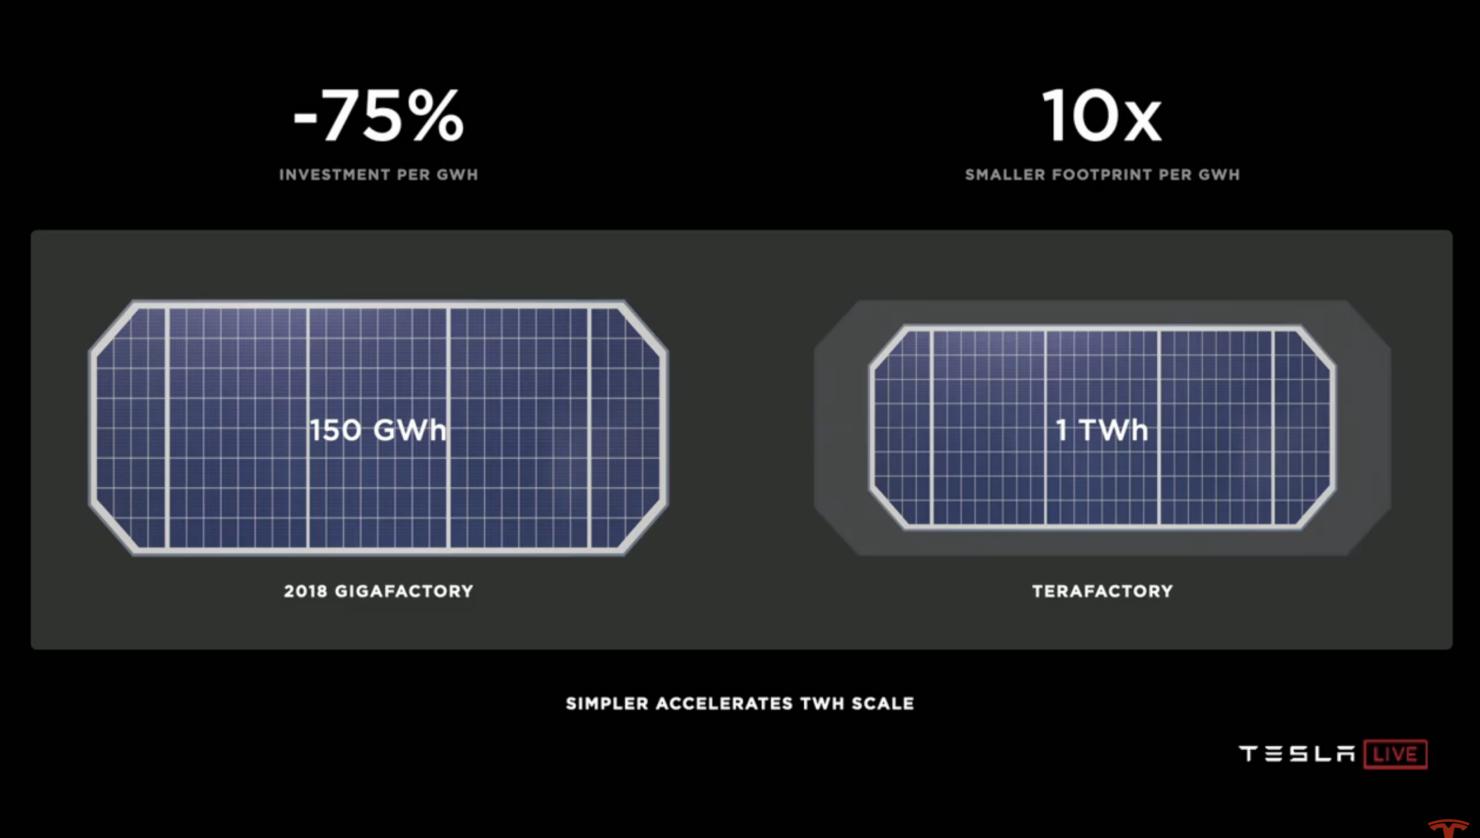 Tesla factory improvements